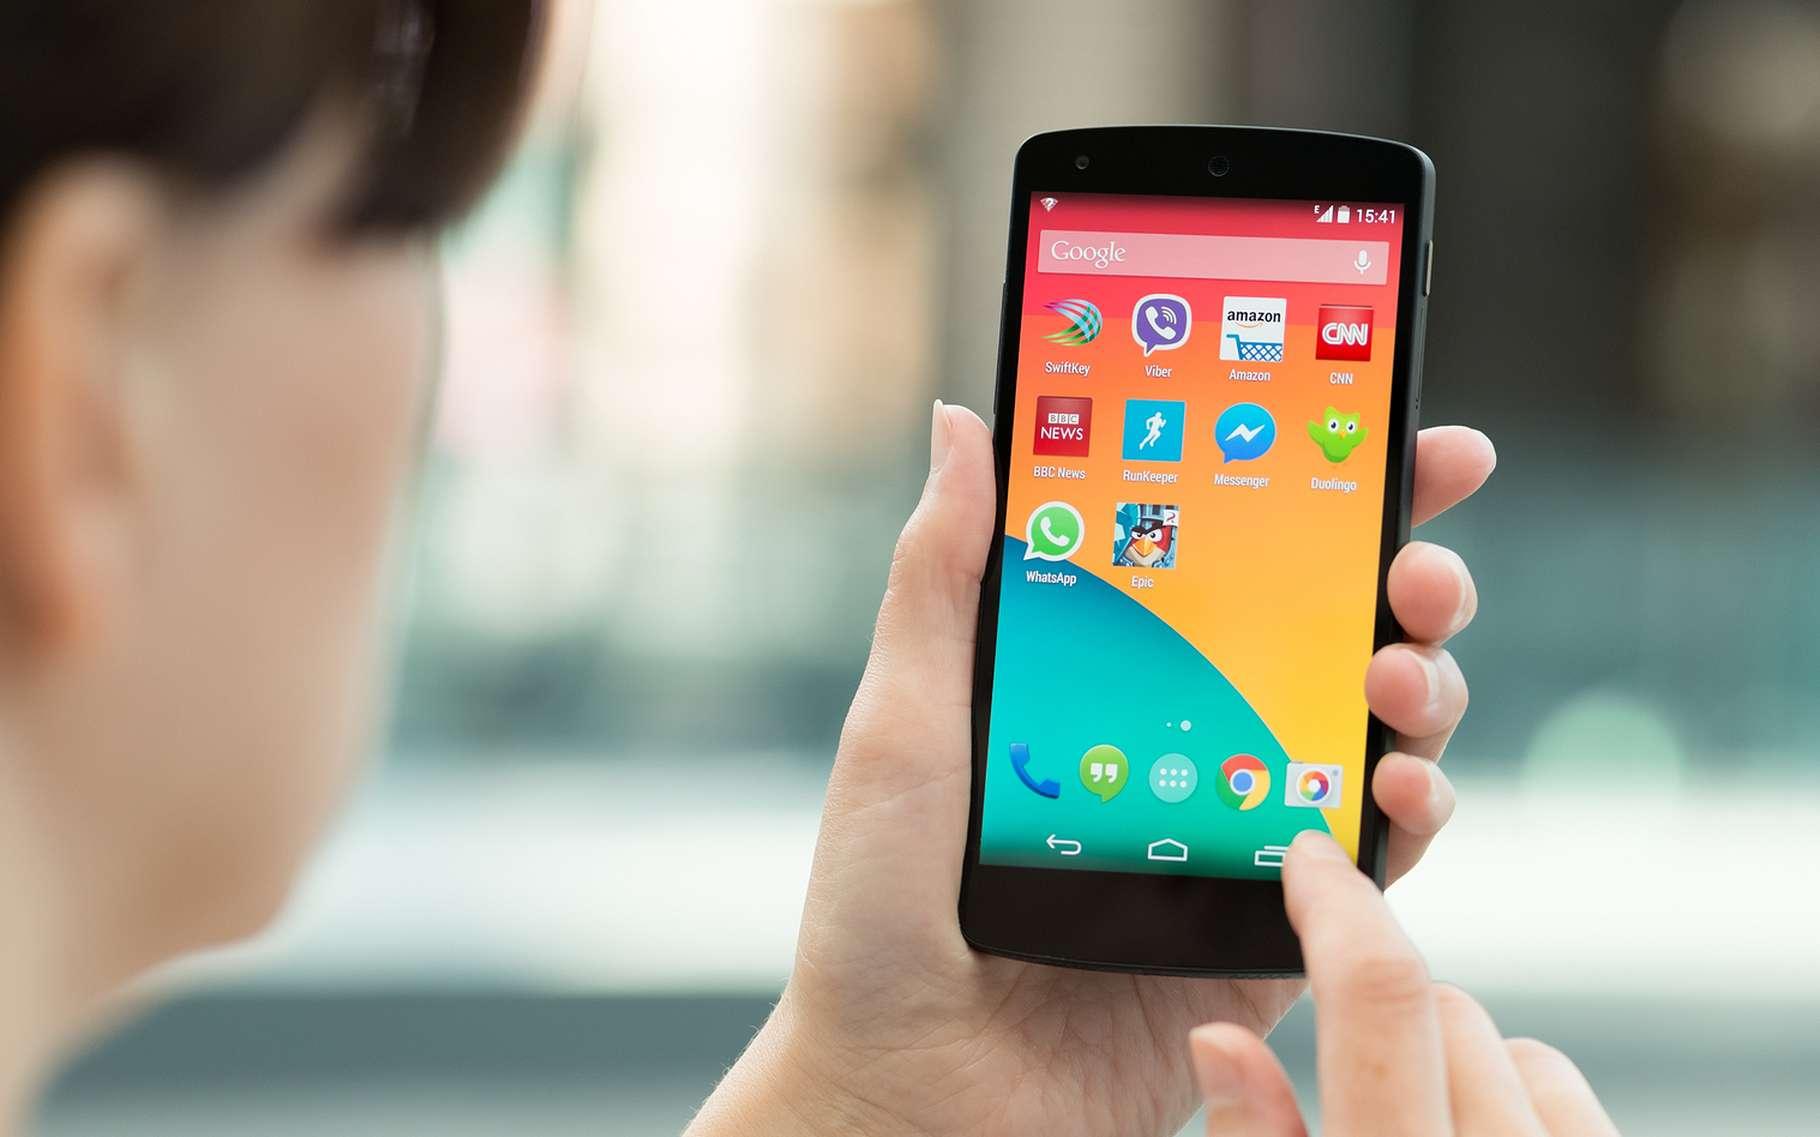 Si une publicité apparaît lorsque le smartphone est en veille, c'est qu'un malware s'est installé sur l'appareil. © Bloomicon, Shutterstock